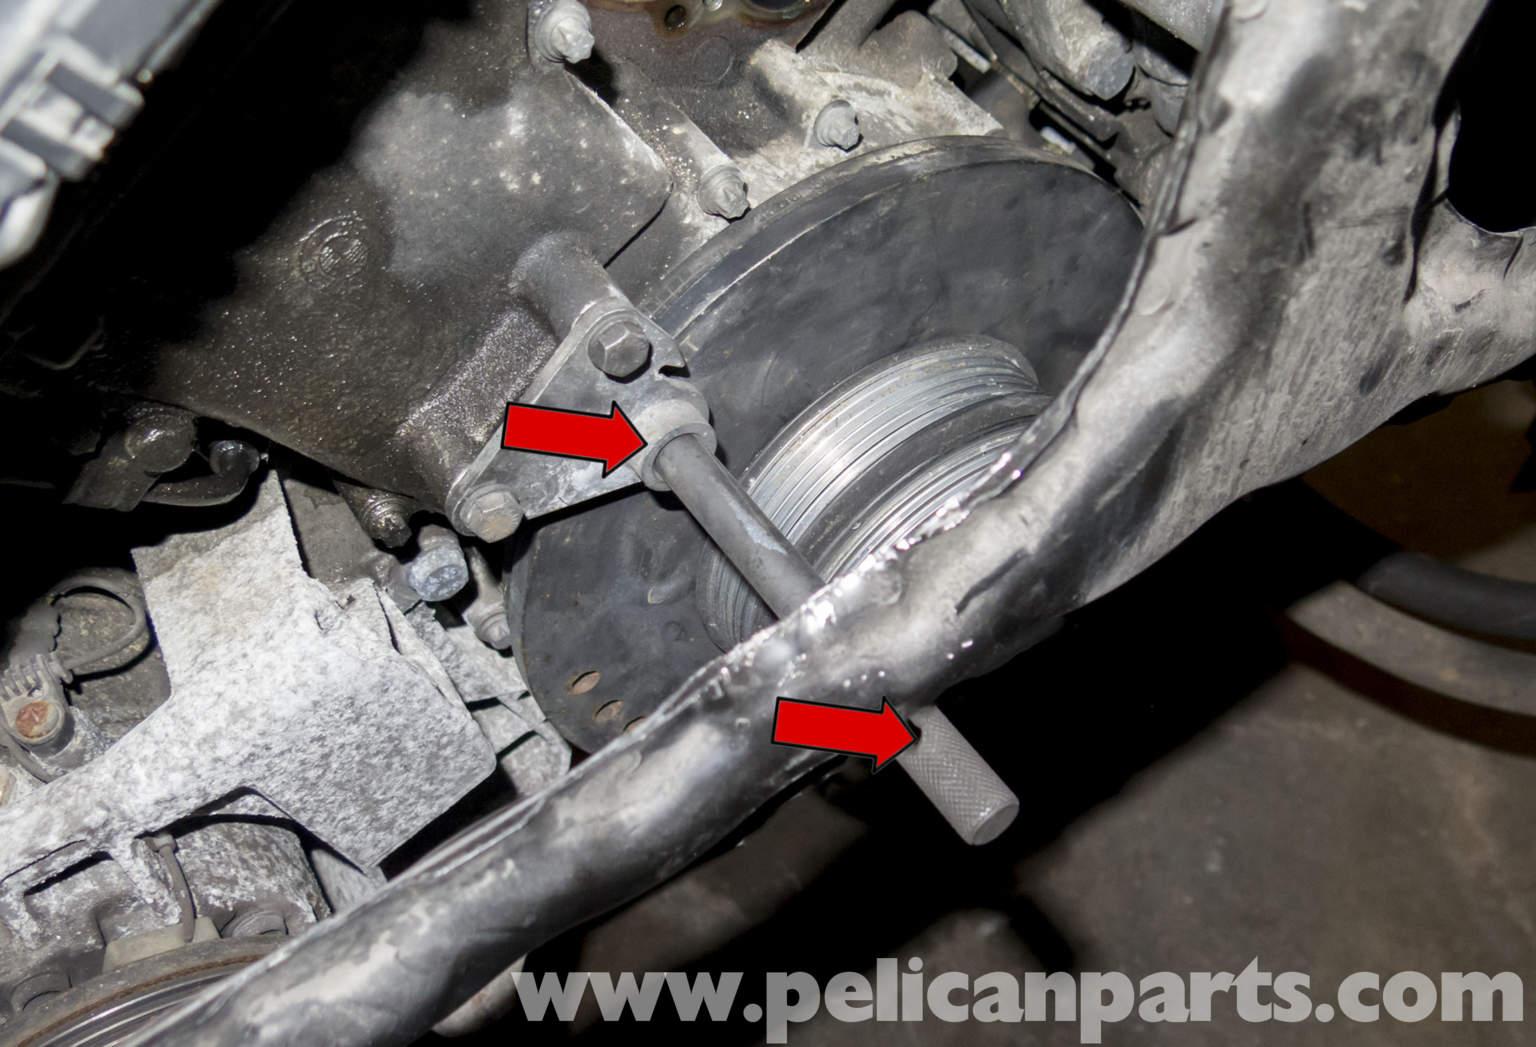 E36 Vanos Actuator Wiring Diagrams Bmw Diagram Pelican Technical Article Z4m Contactor